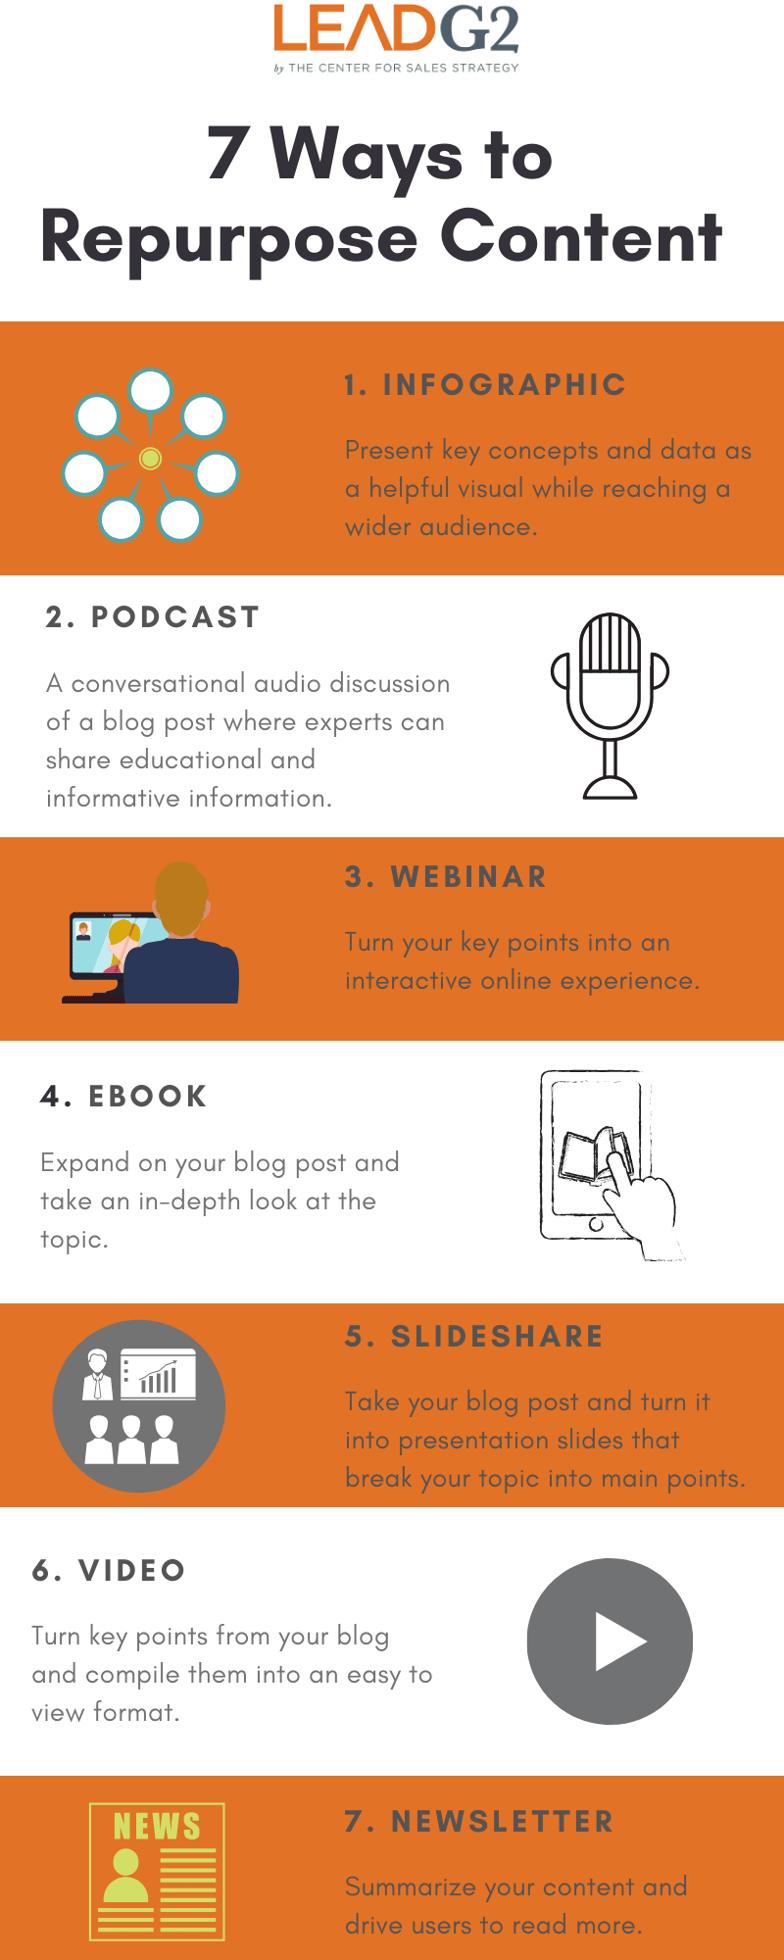 Repurpose Content Infographic